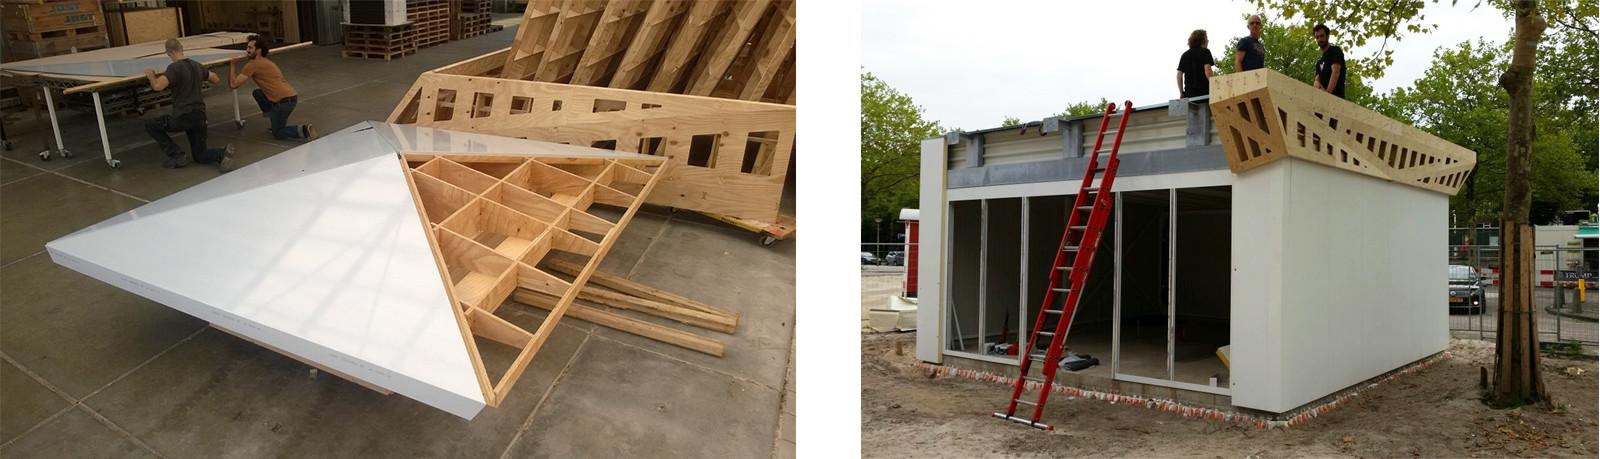 072_6-Kiosken-constructionB_1600_900.jpg